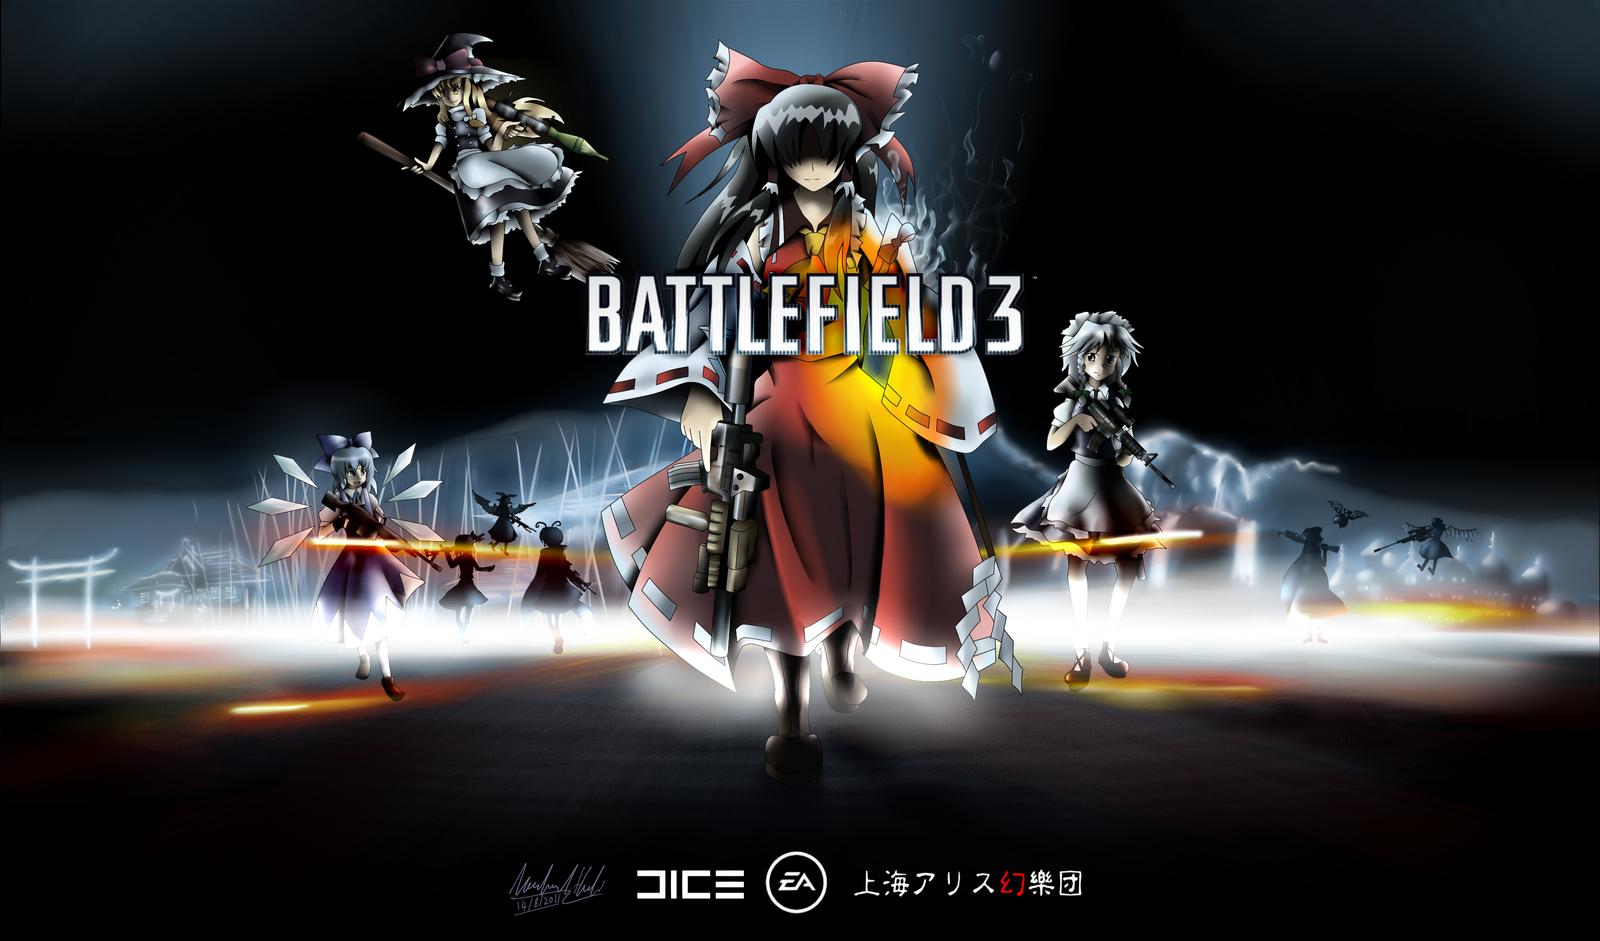 Battlefield 3 dammaku warfare by ssgt lulz on deviantart battlefield 3 dammaku warfare by ssgt lulz voltagebd Gallery